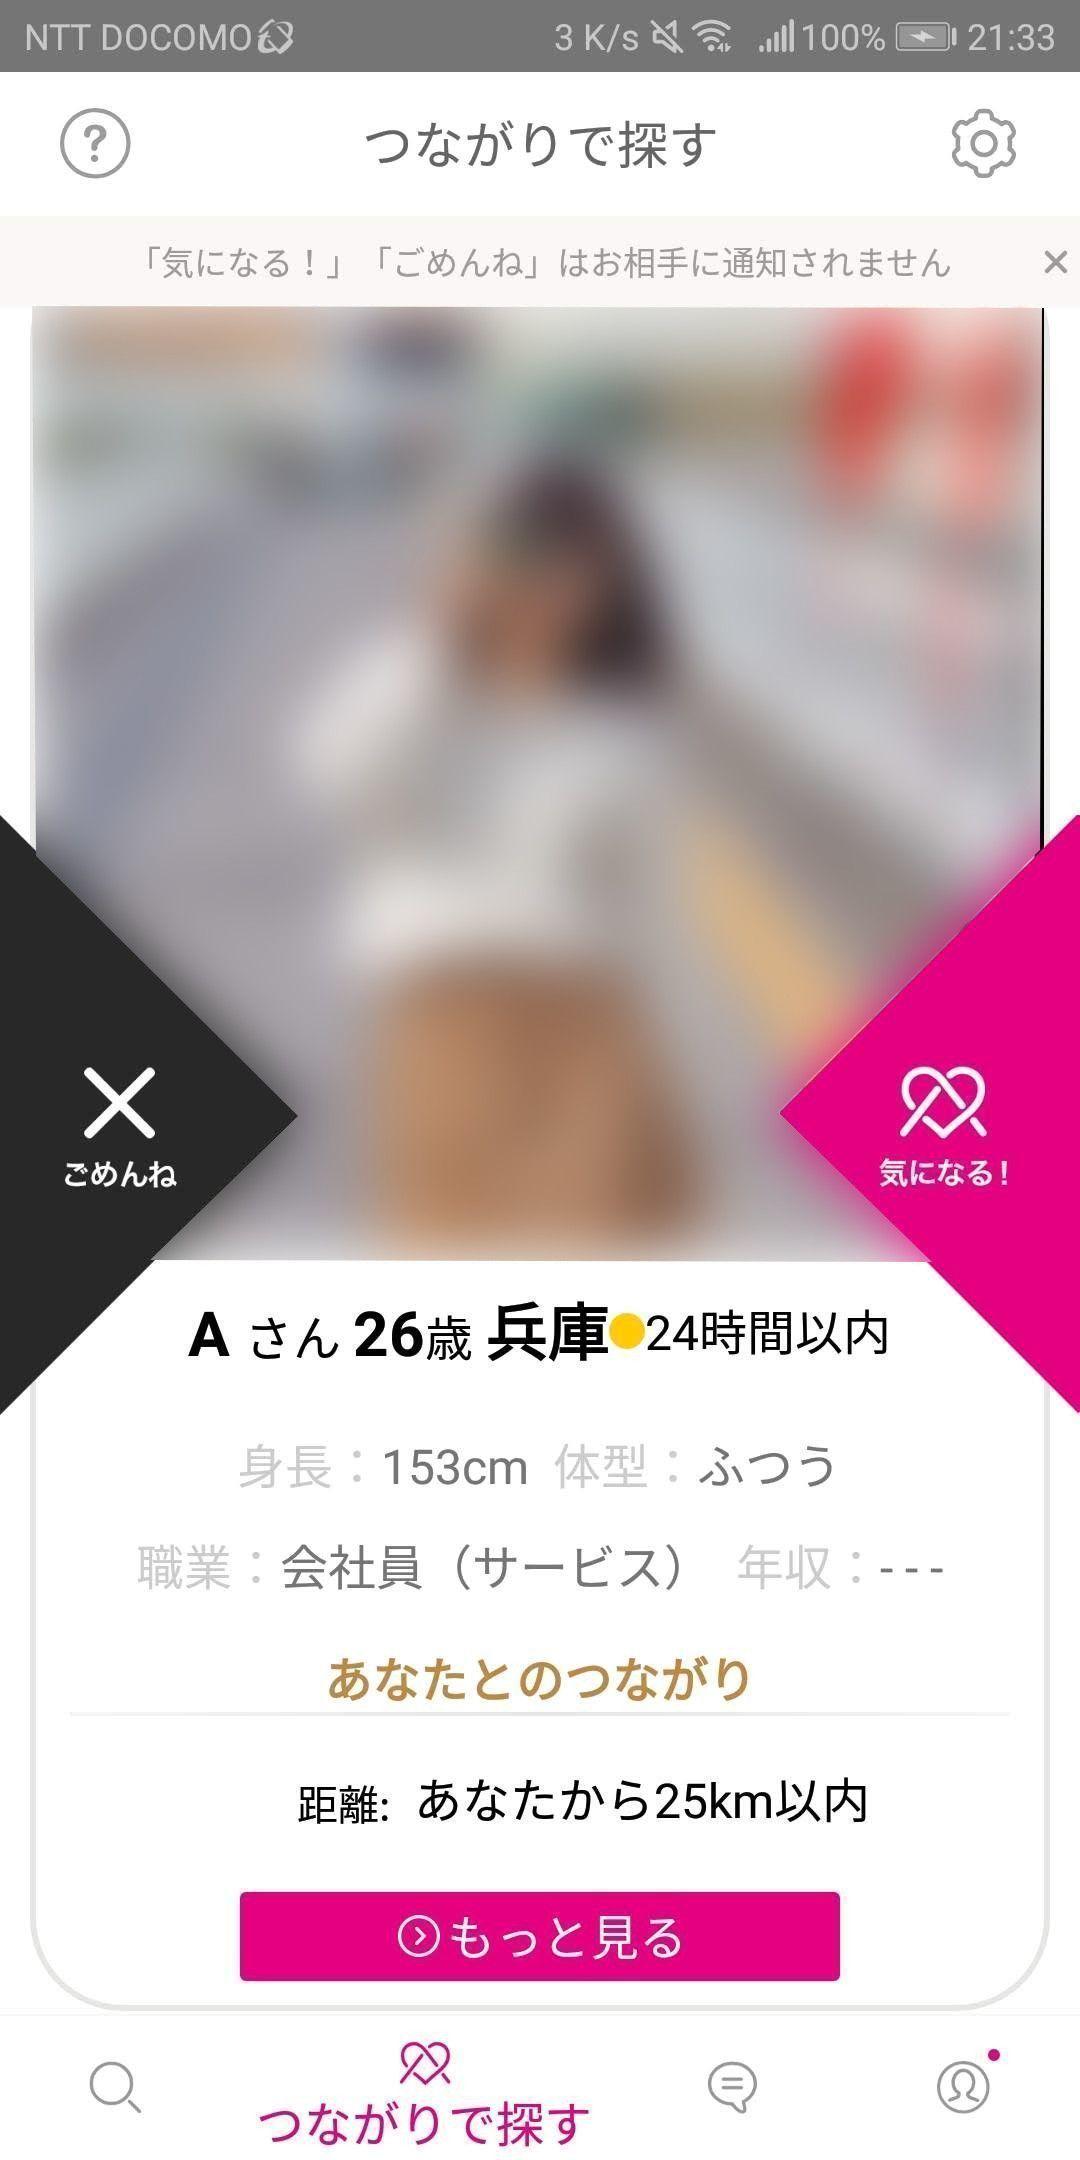 マッチングアプリ 第3位 ゼクシィ恋結び